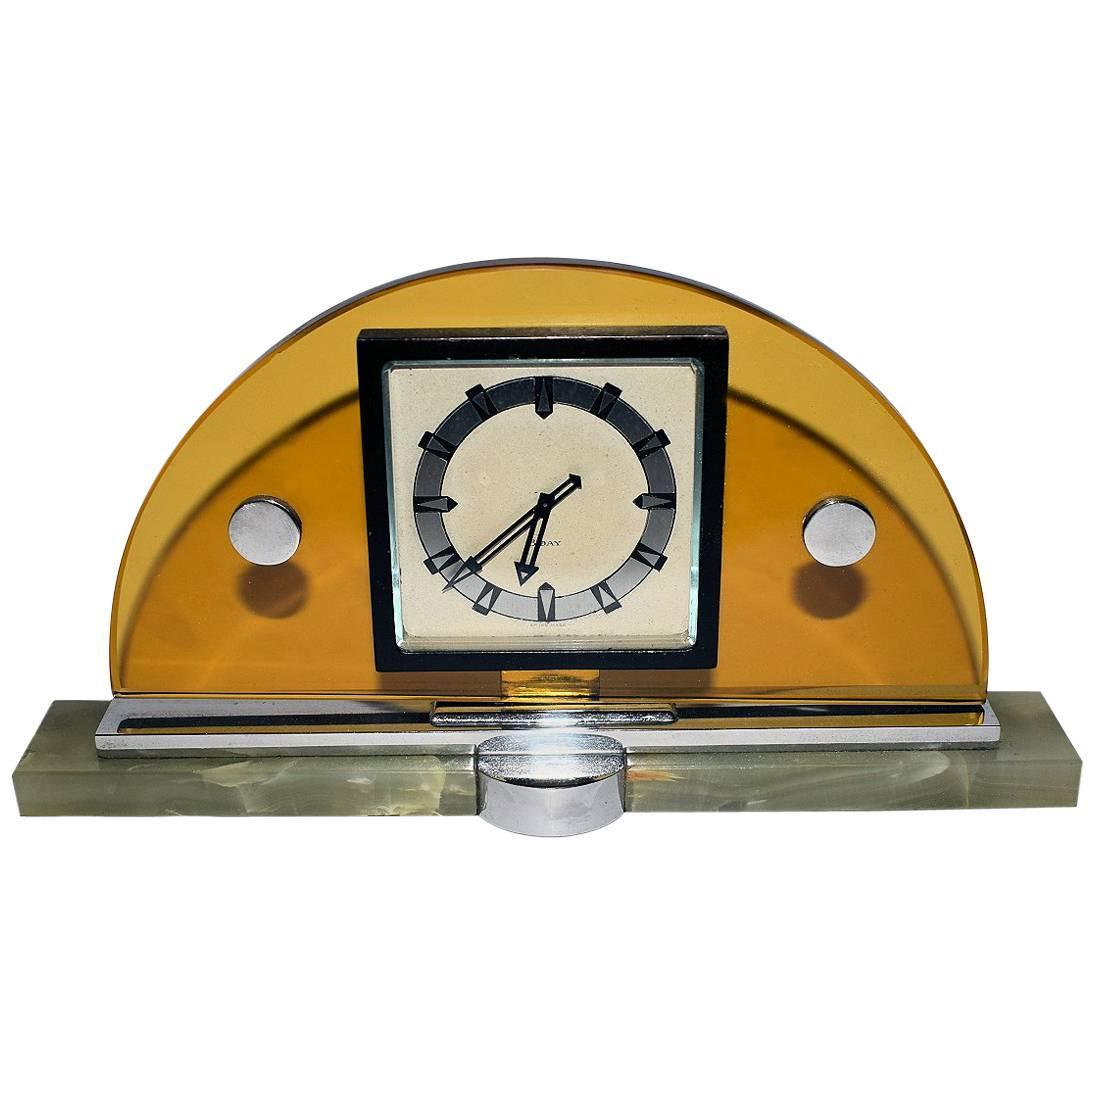 Modernist Art Deco Swiss Eight Day Mantle Clock, Swiss Made